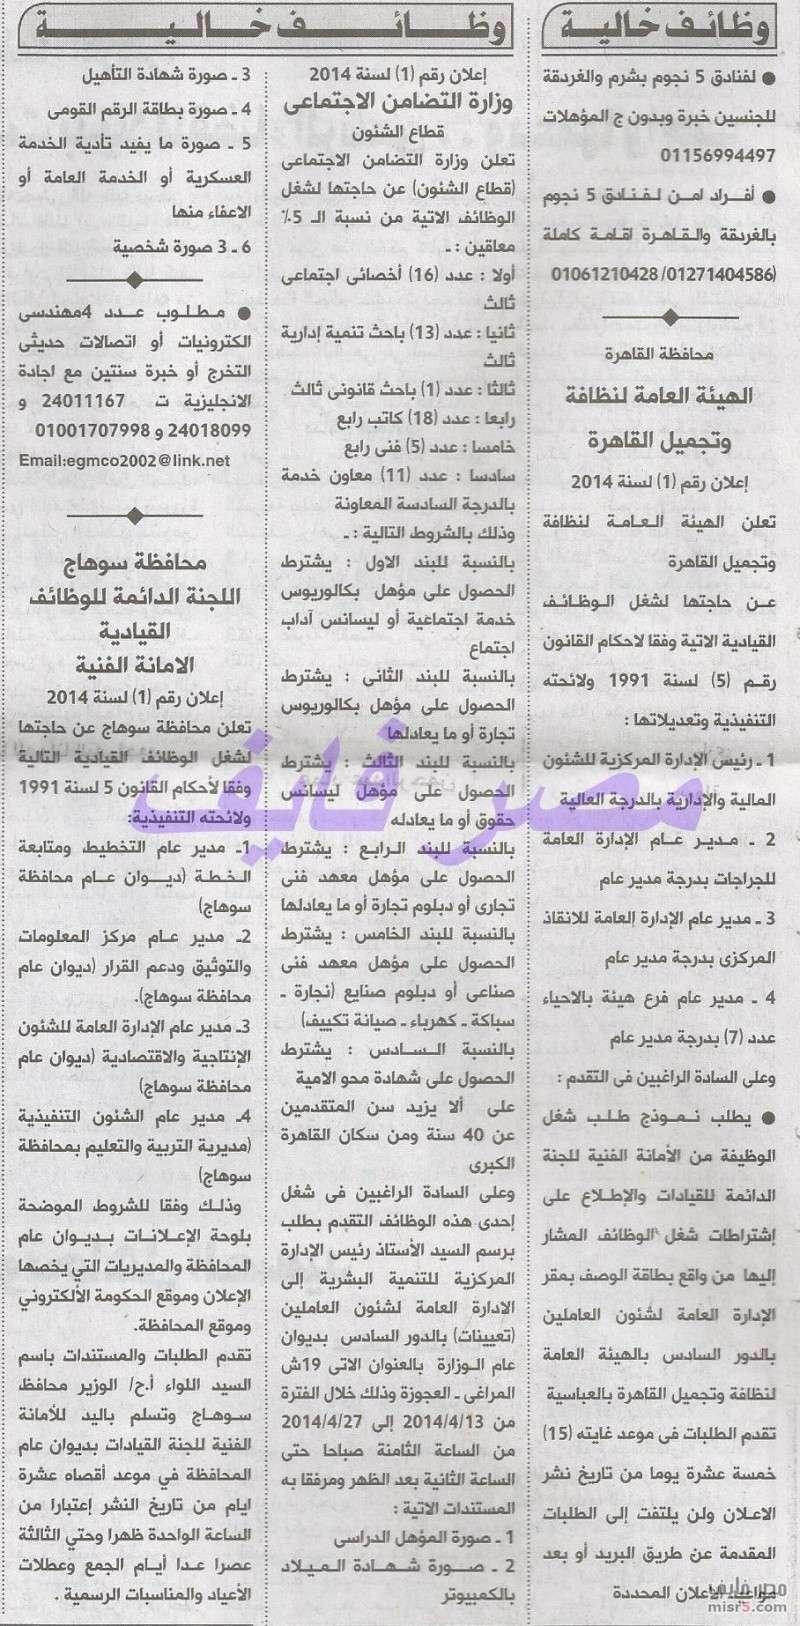 وظائف جريدة جمهورية اليوم الثلاثاء 1514